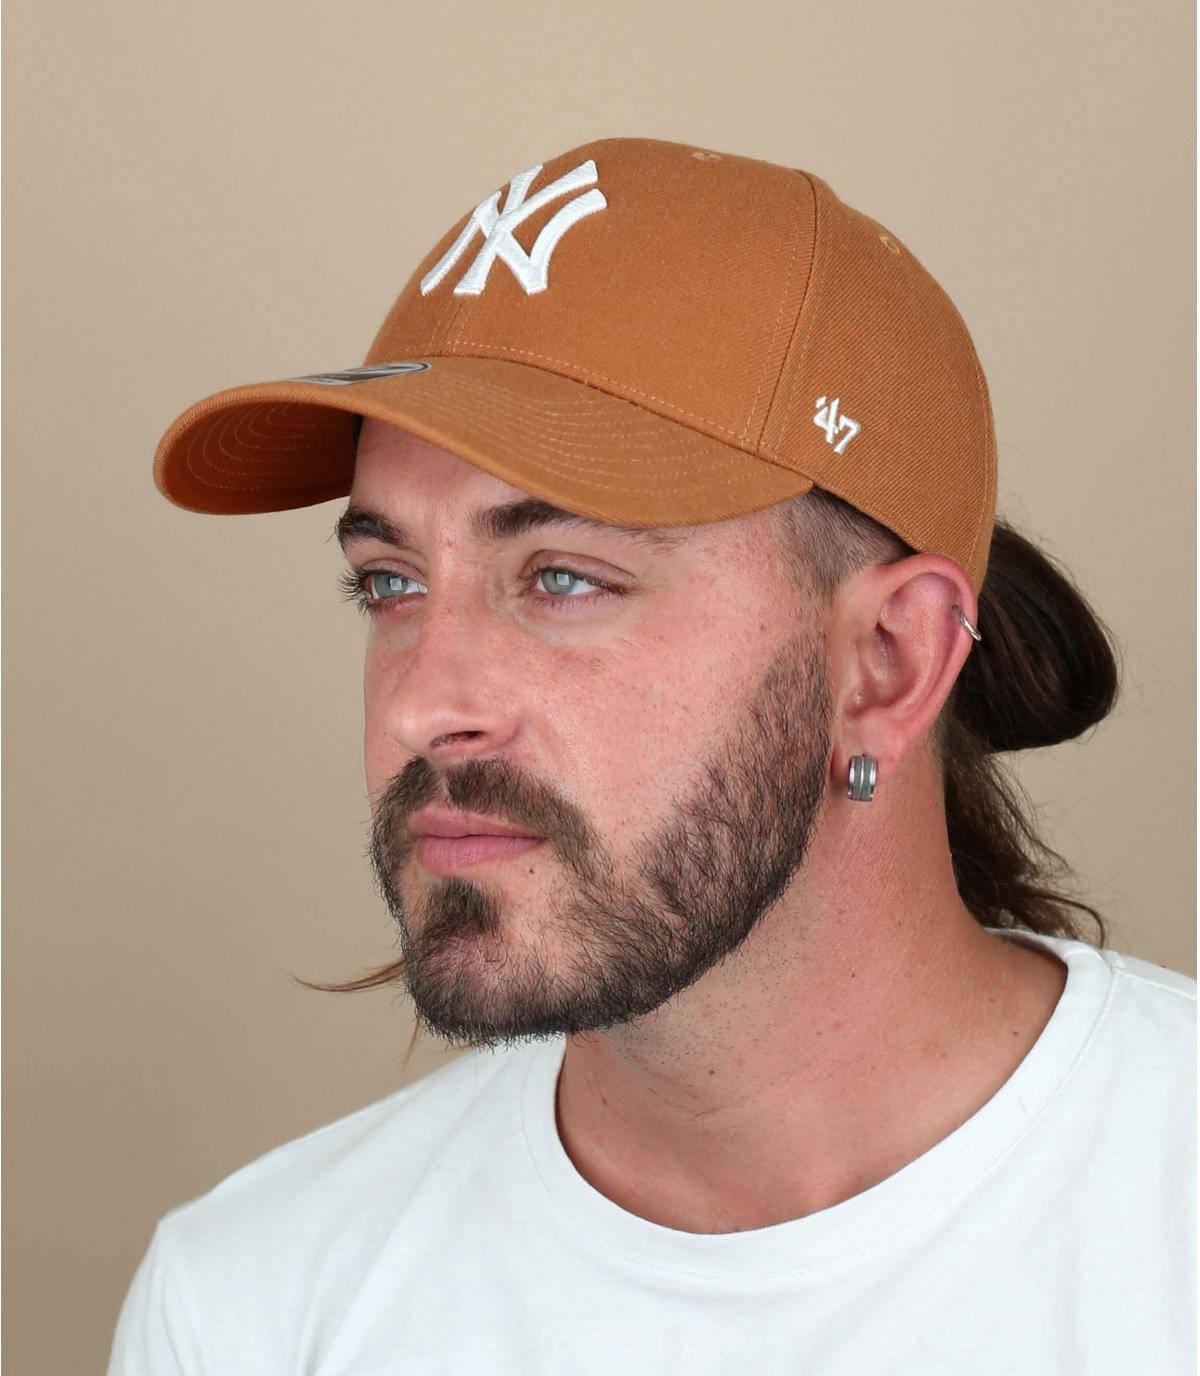 Cap NY orange